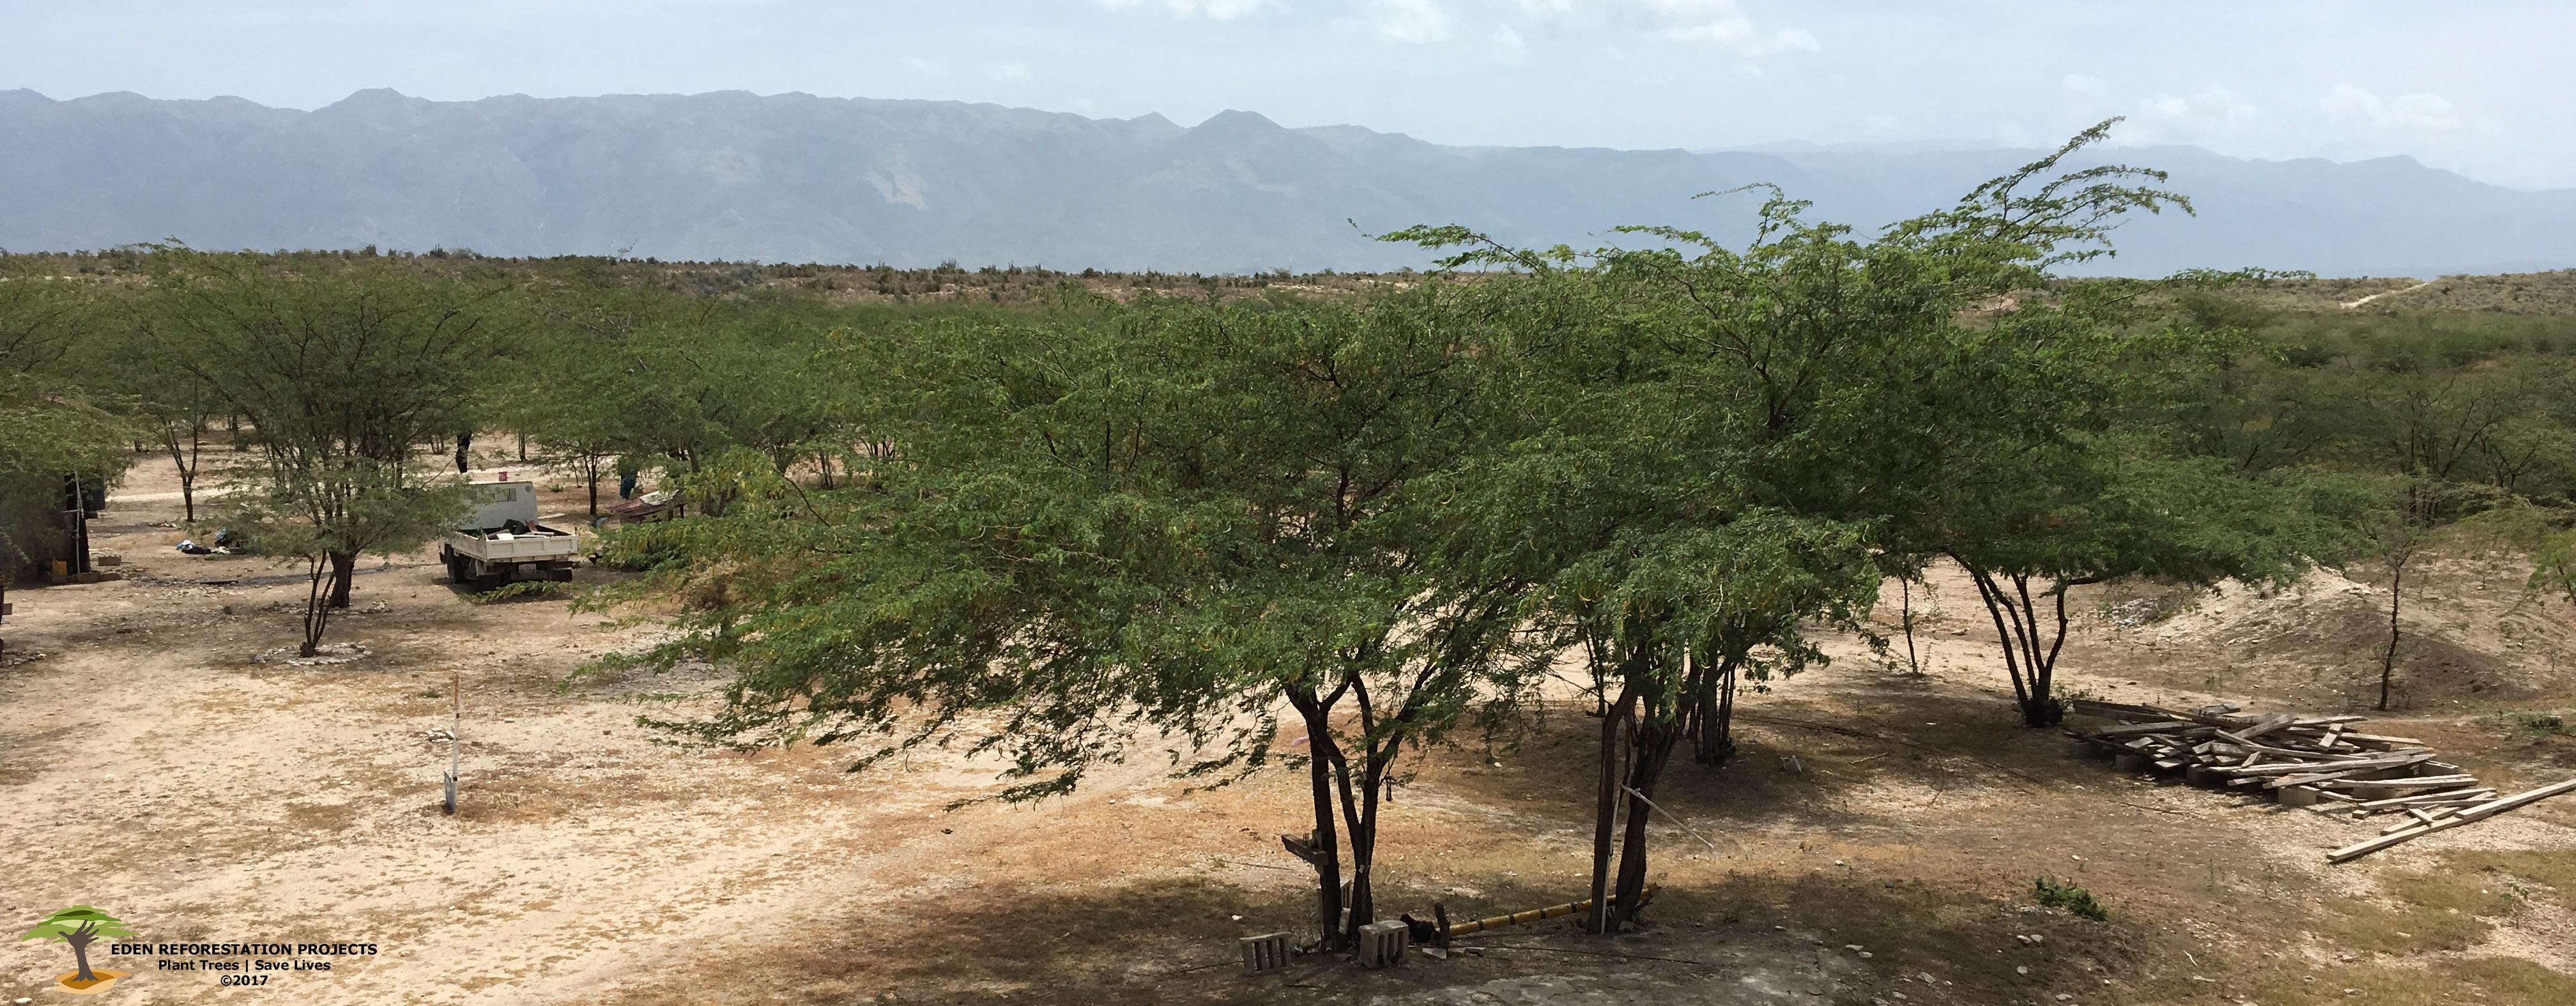 Haiti_panorama_with_watermark.jpg